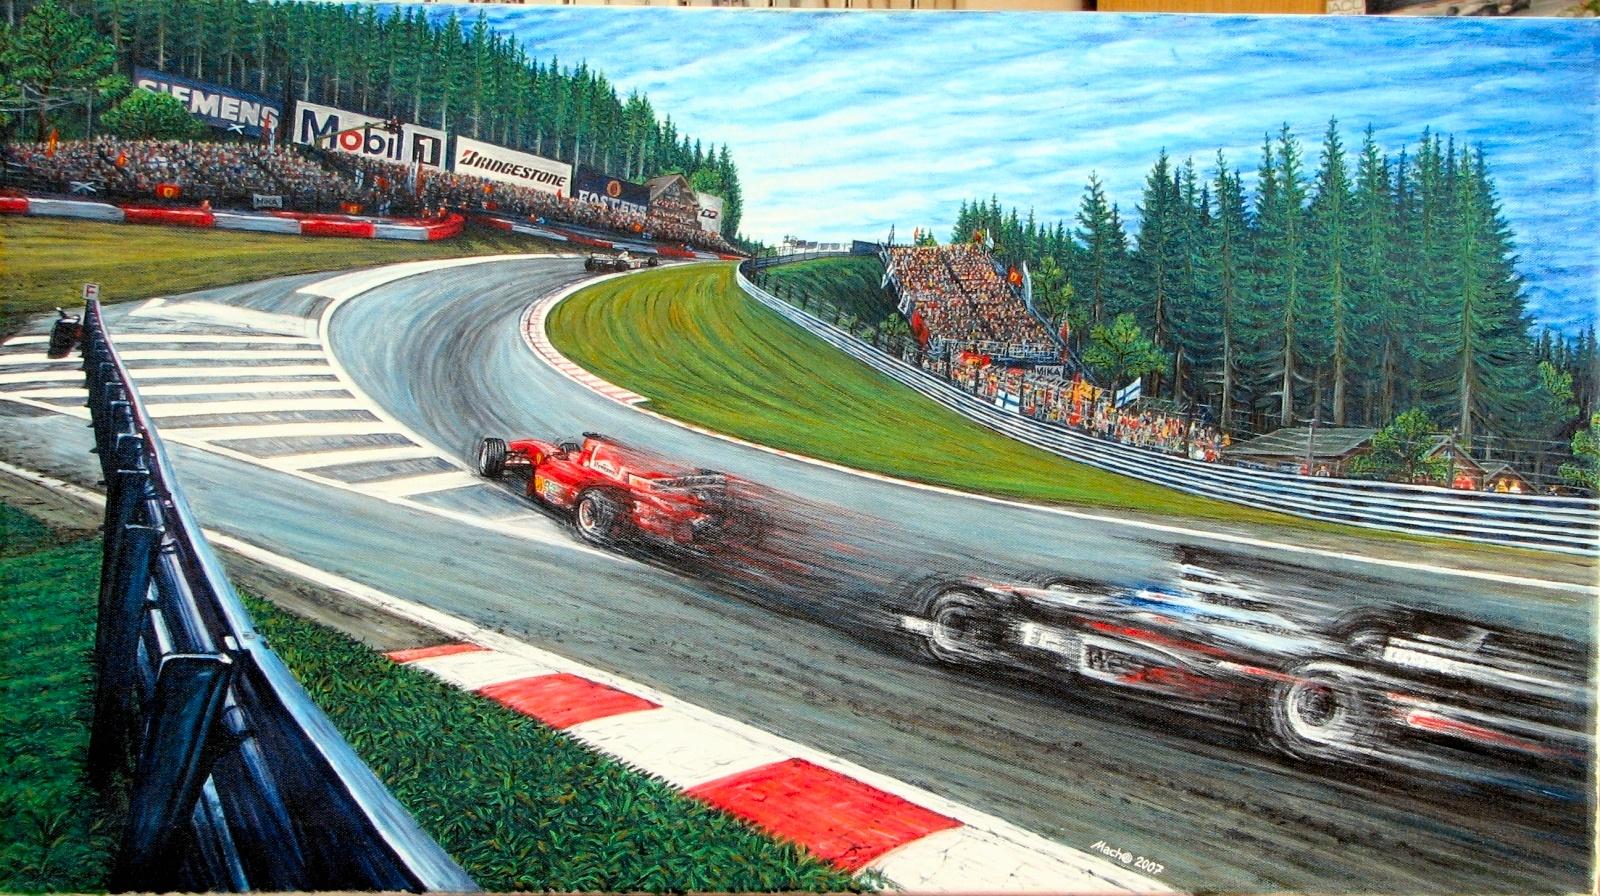 Circuito Spa : Spa francorchamps el circuito eterno cuentavueltas.com